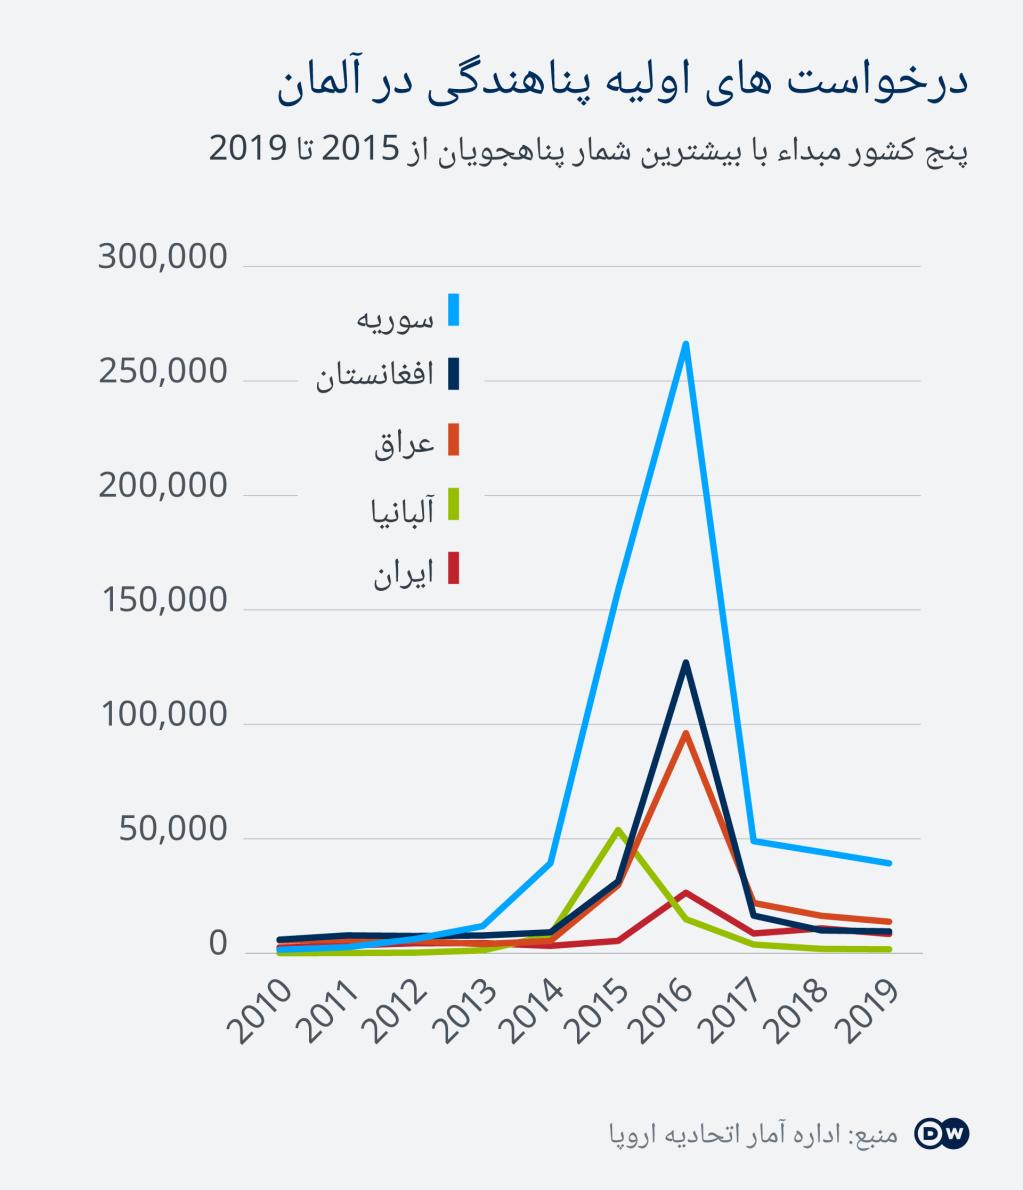 افغانستان پس از سوریه در جایگاه دوم قرار دارد